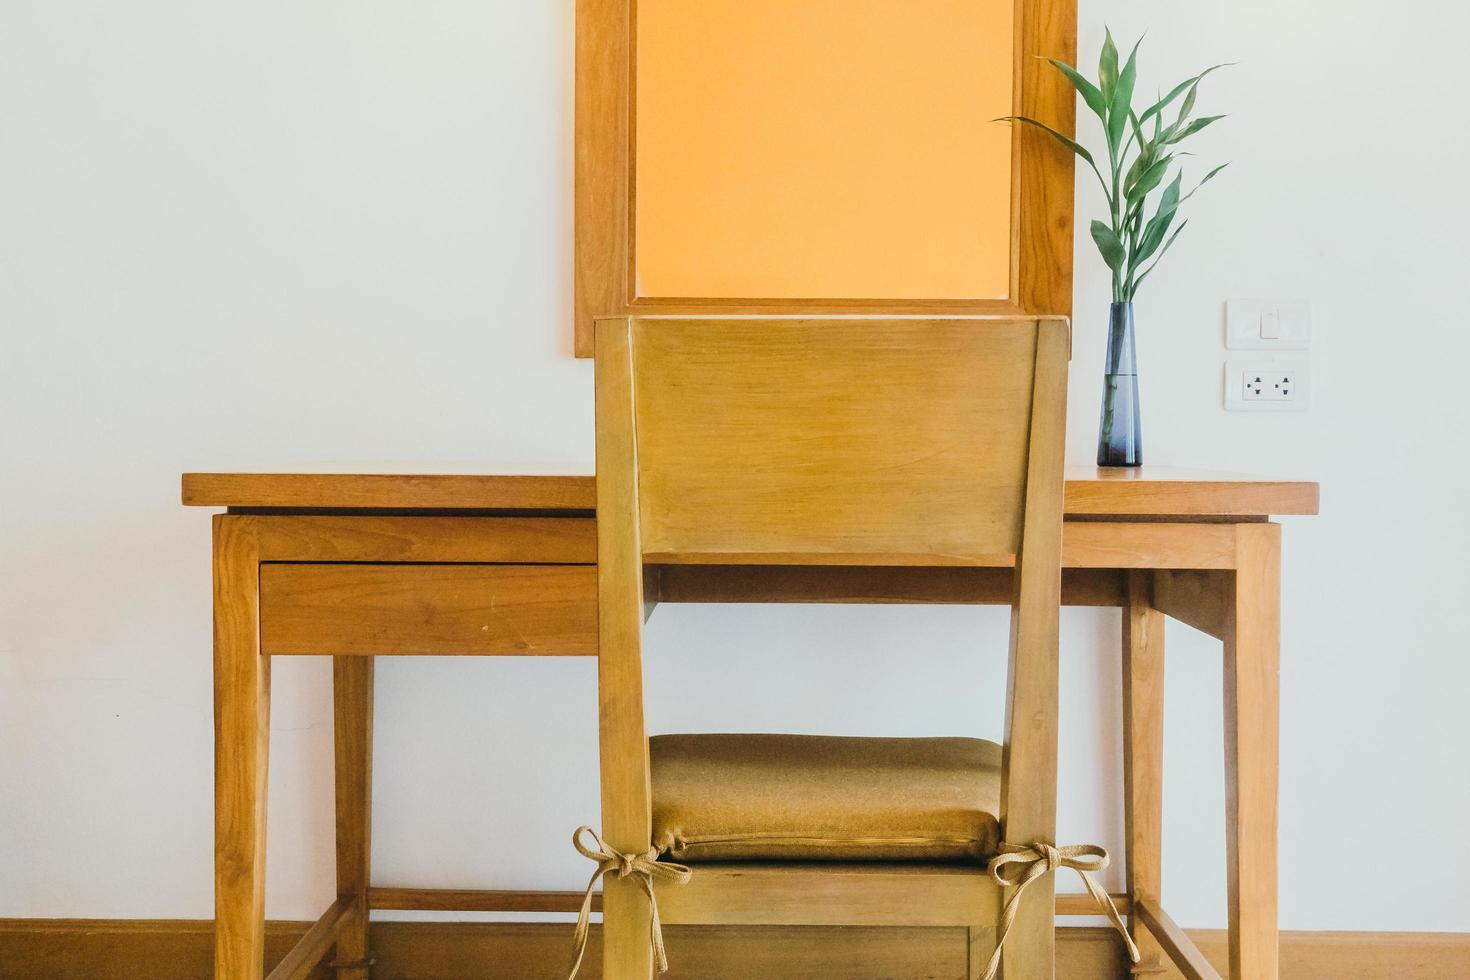 houten tafel en stoel in woonkamer foto